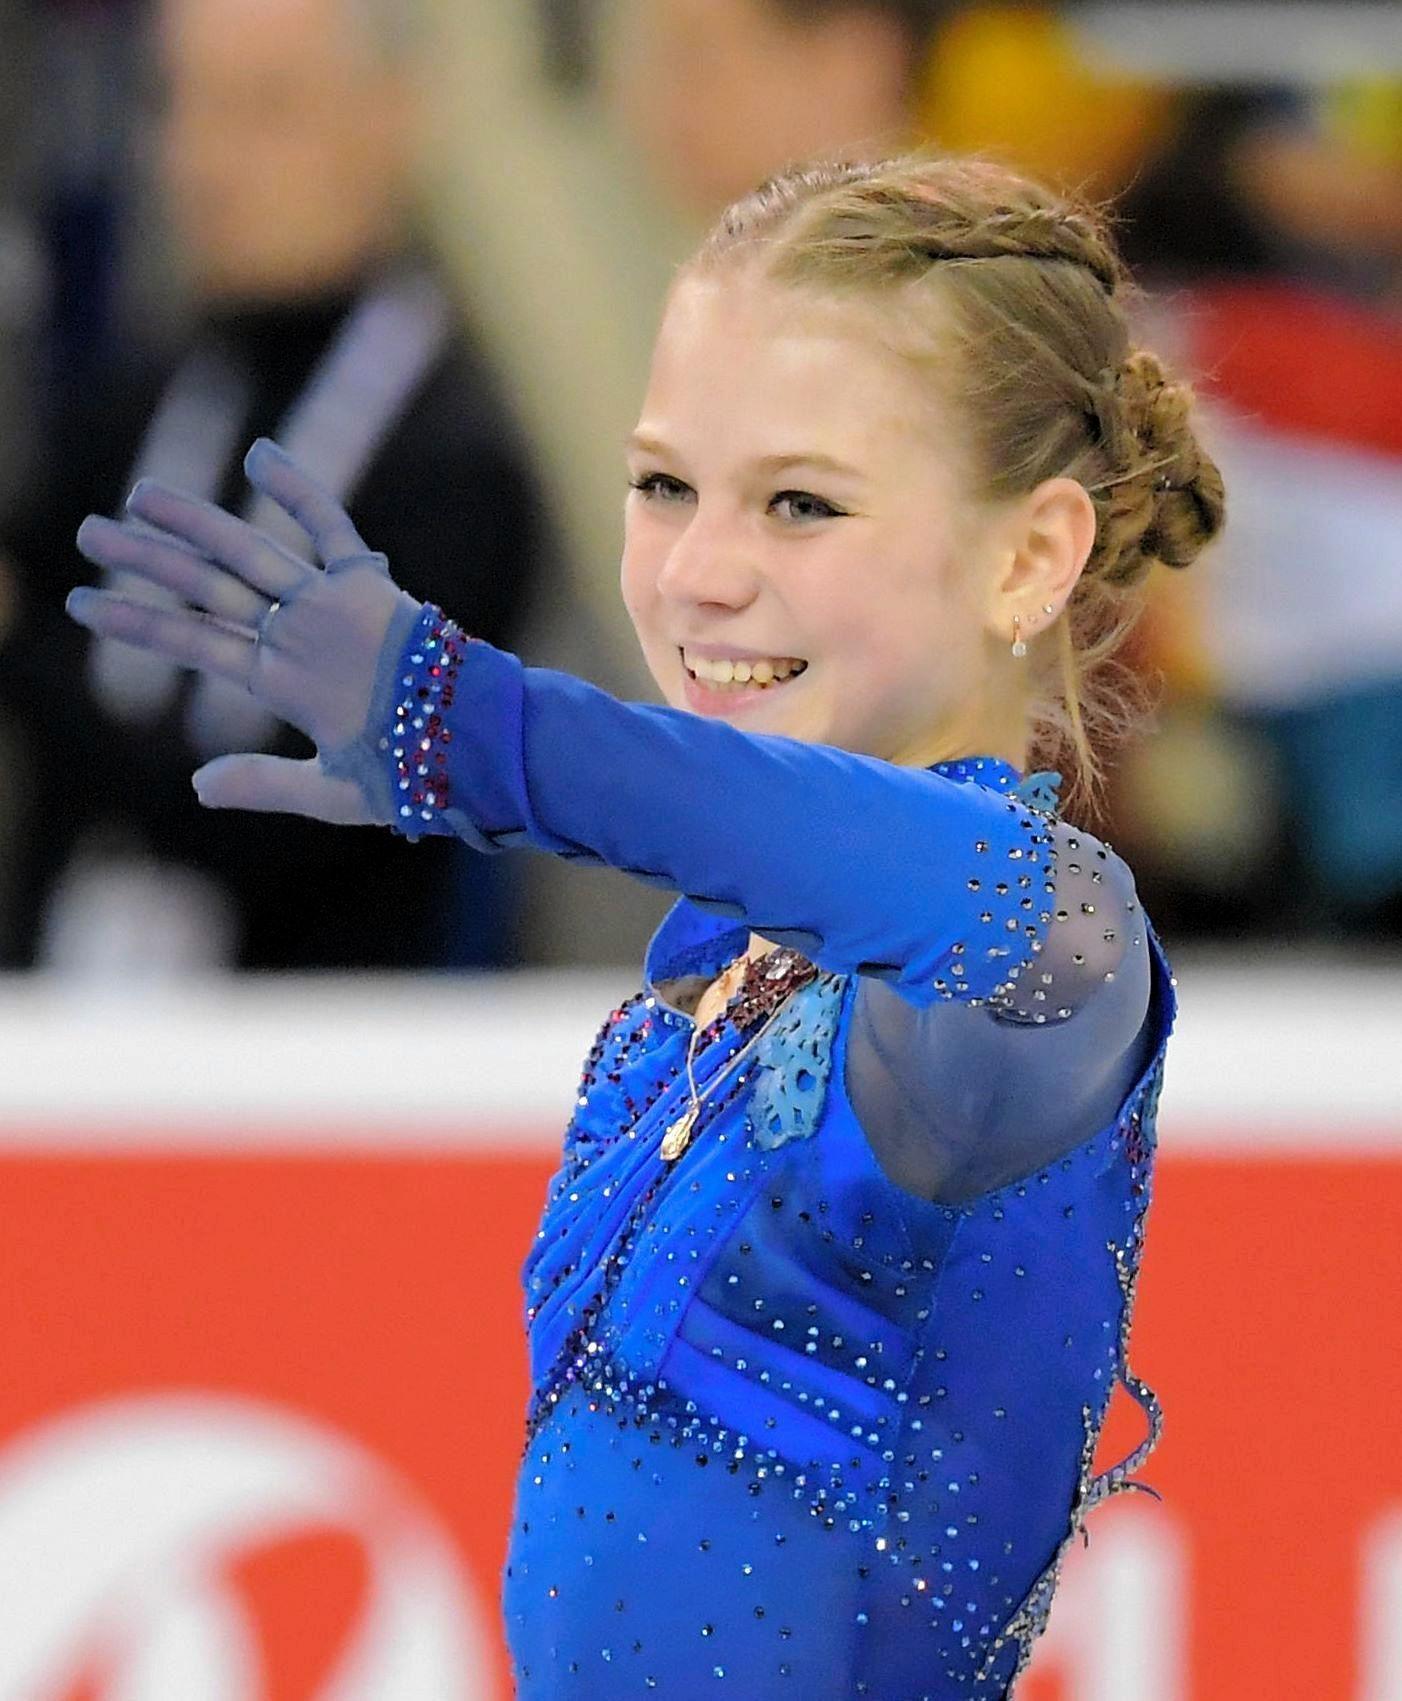 羽生結弦選手とカナダの女子トルソワ選手が同時に4回転ジャンプを披露